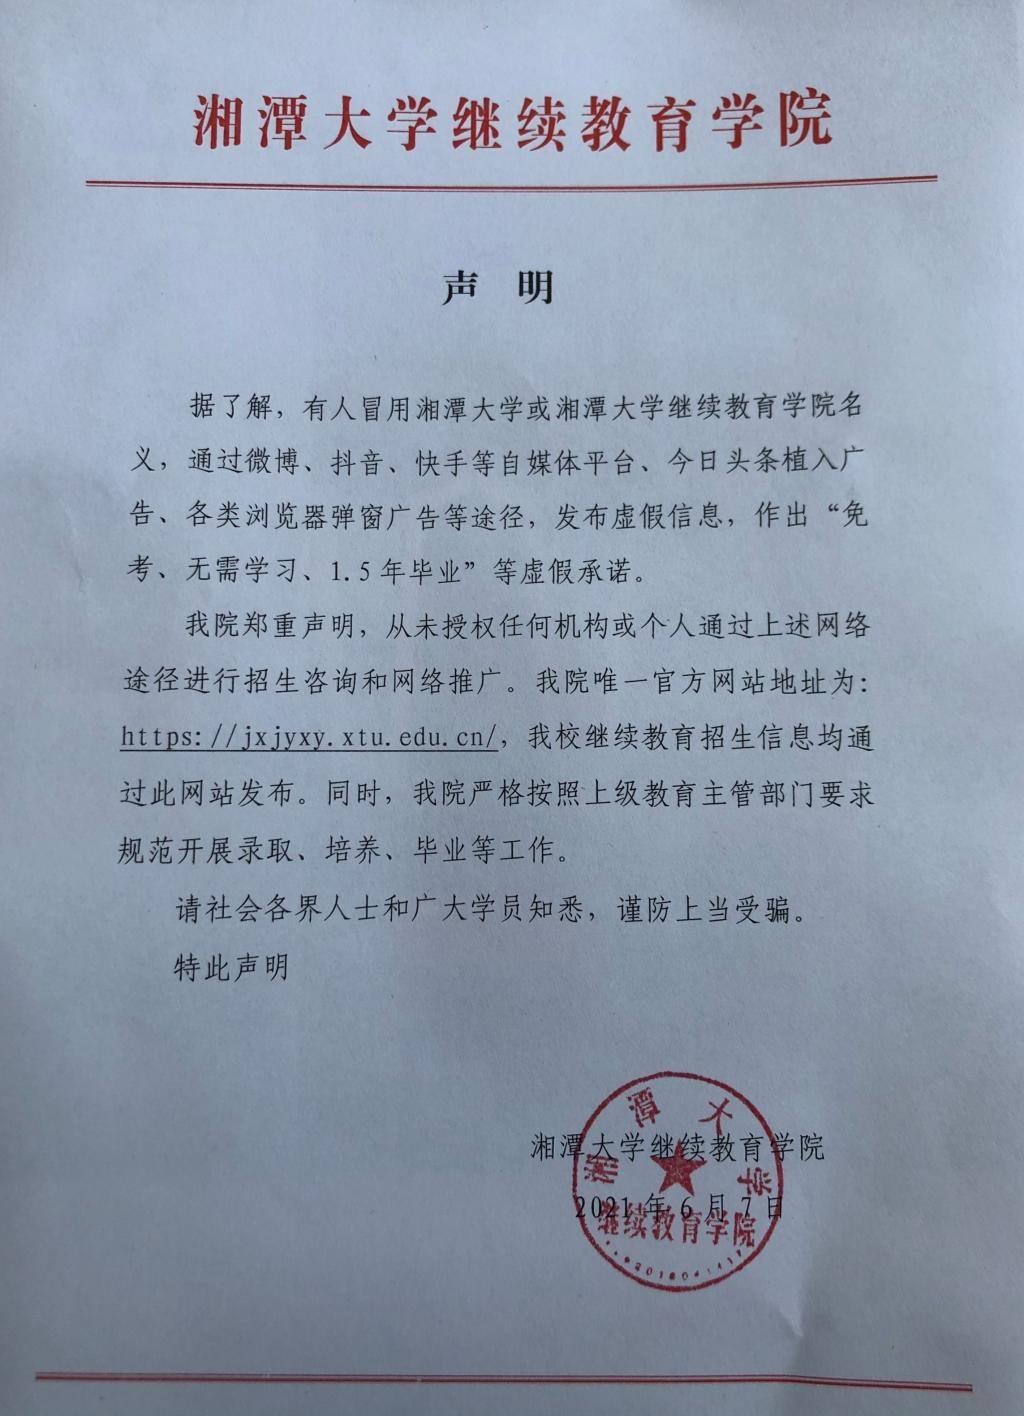 湘潭大学继续教育学院声明。湘潭大学继续教育学院官网 图